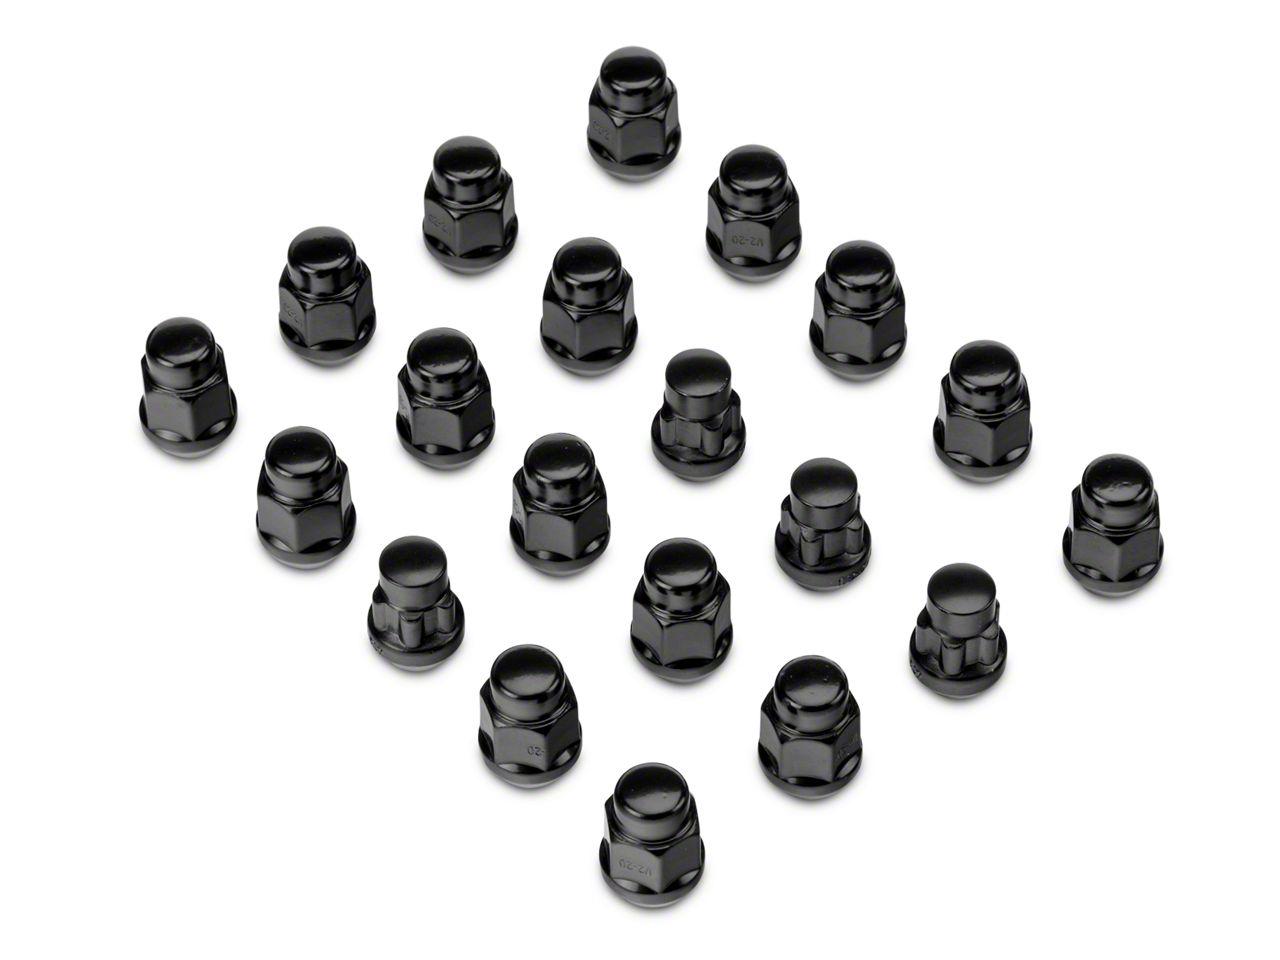 Jeep Wrangler Black Acorn Lug Nut Kit 1 2 In X 20 07 18 Jeep Wrangler Jk